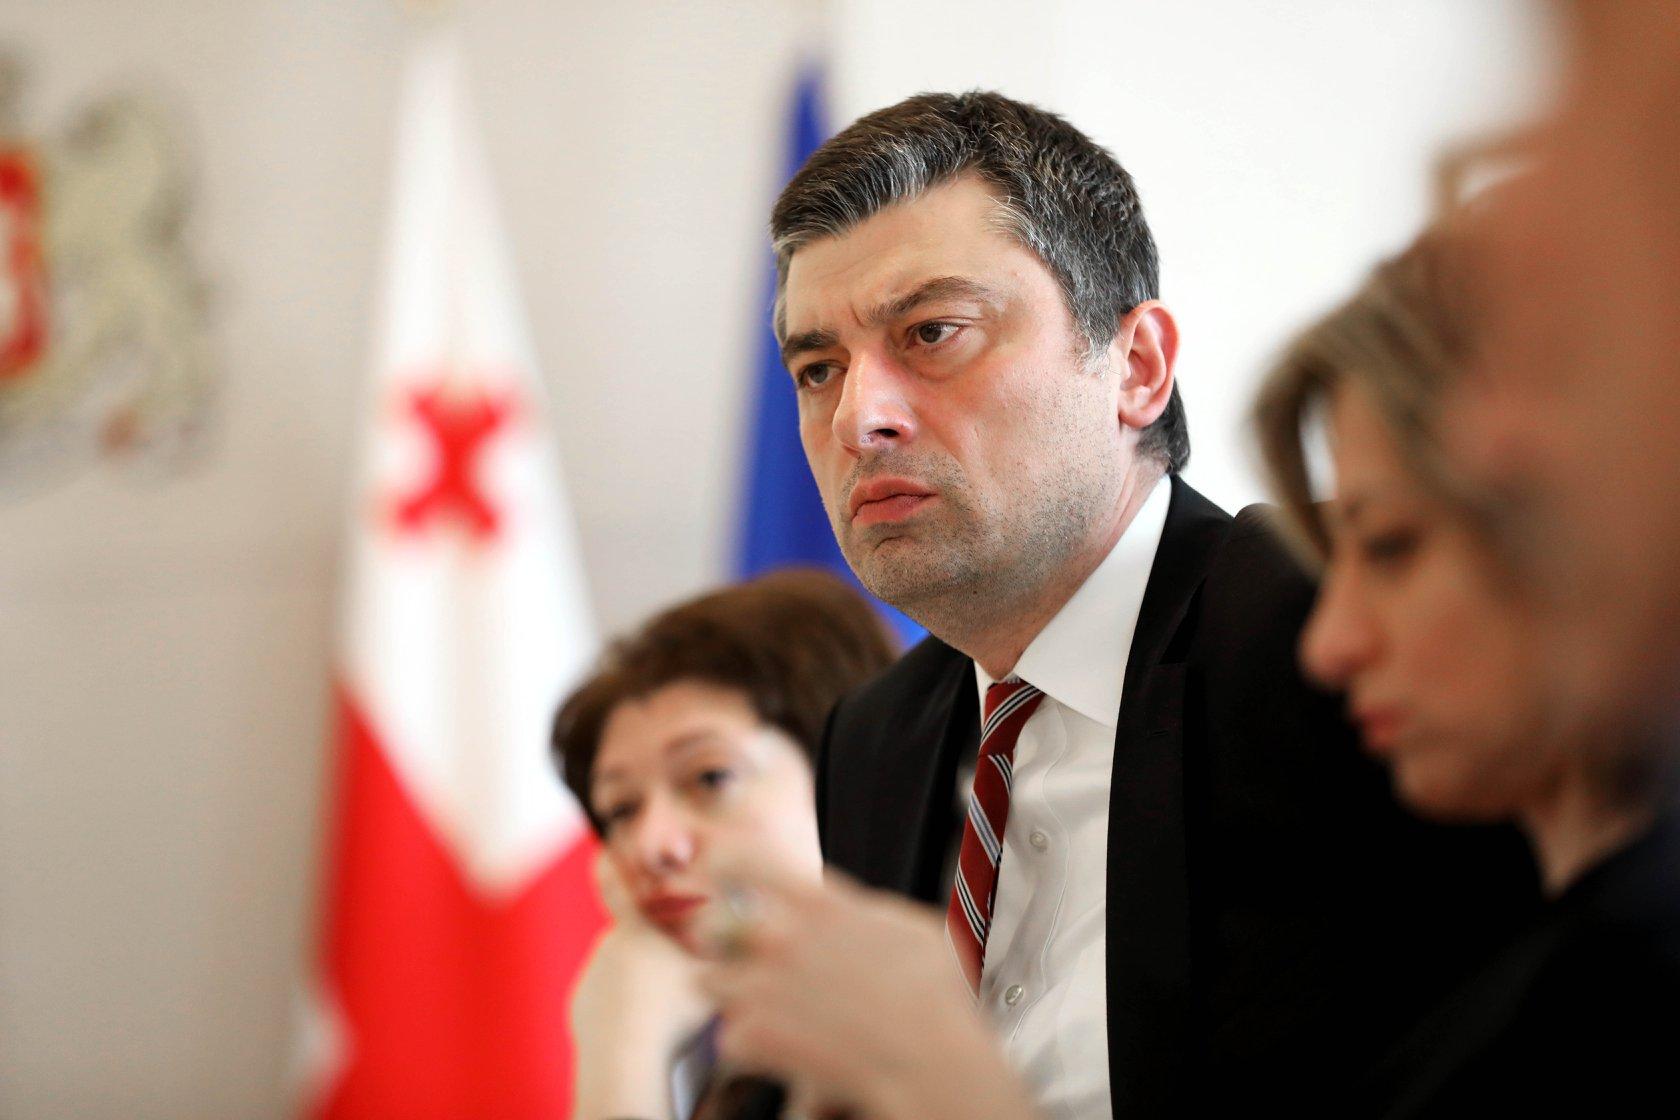 Giorgi Gakharia 29 #новости Георгий Гахария, Премьер-министр Грузии, теракт в Вене